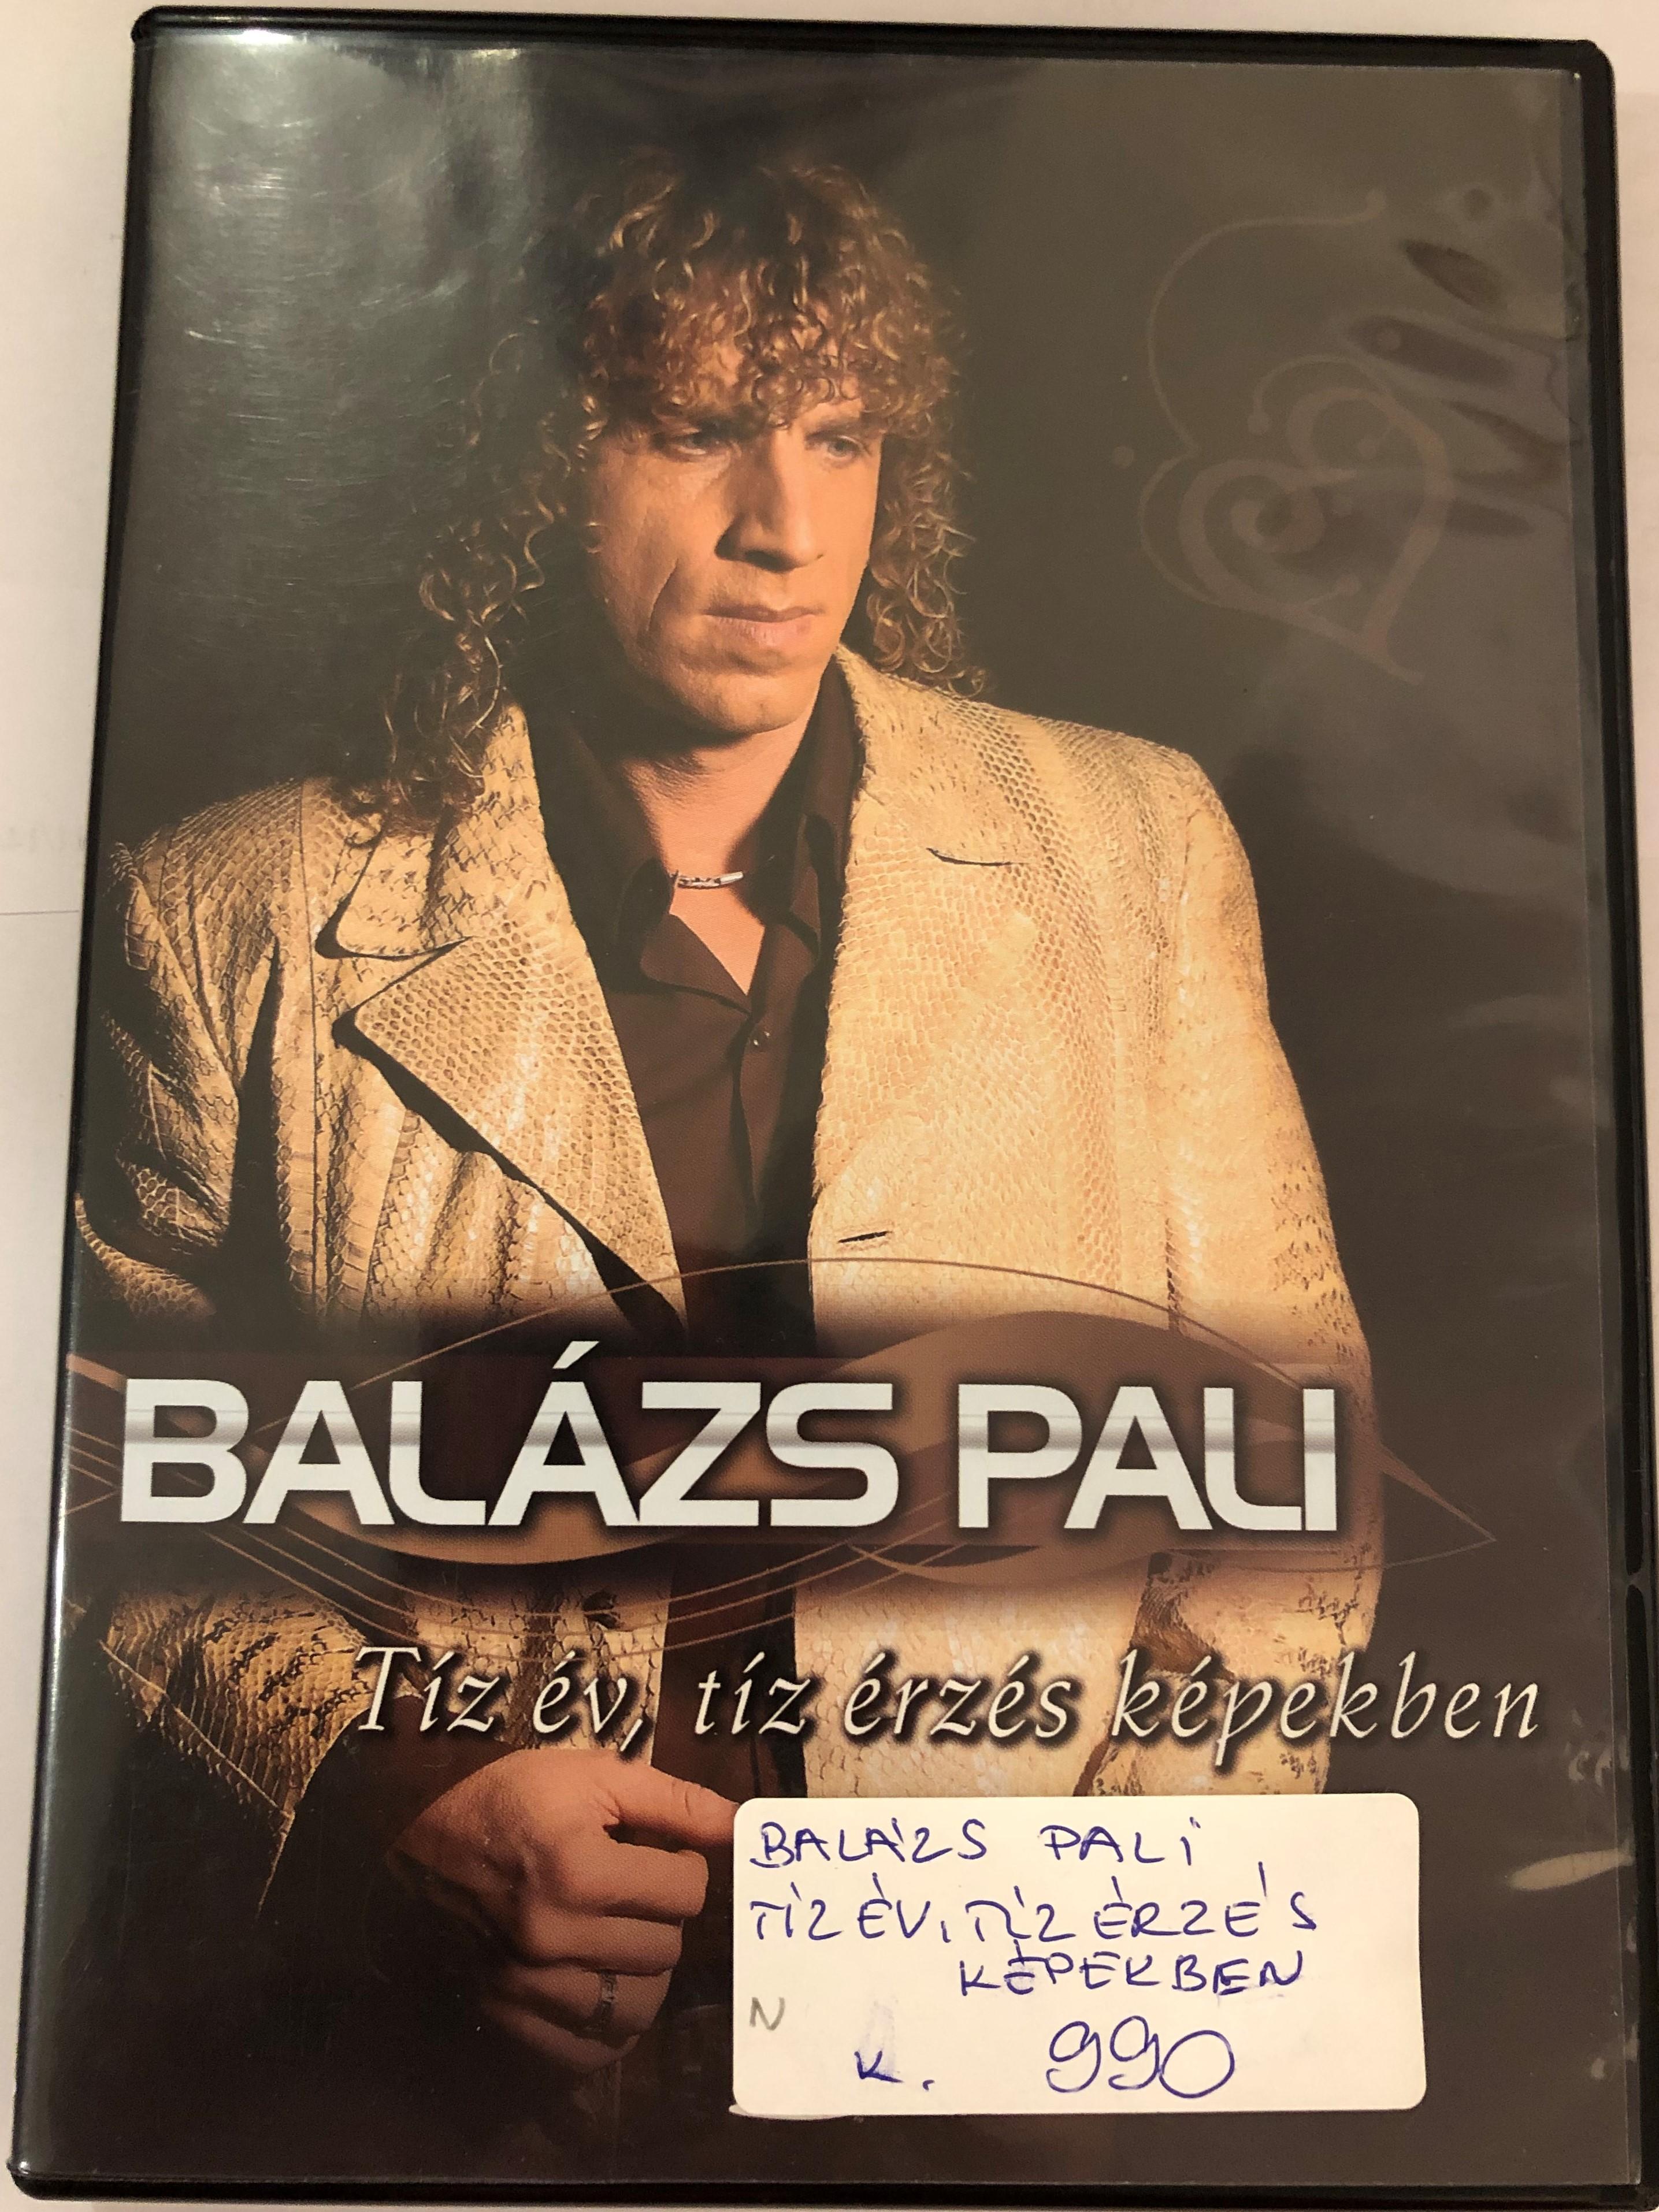 bal-zs-pali-t-z-v-t-z-rz-s-k-pekben-dvd-bal-zs-pali-interj-vide-klipek-1.jpg